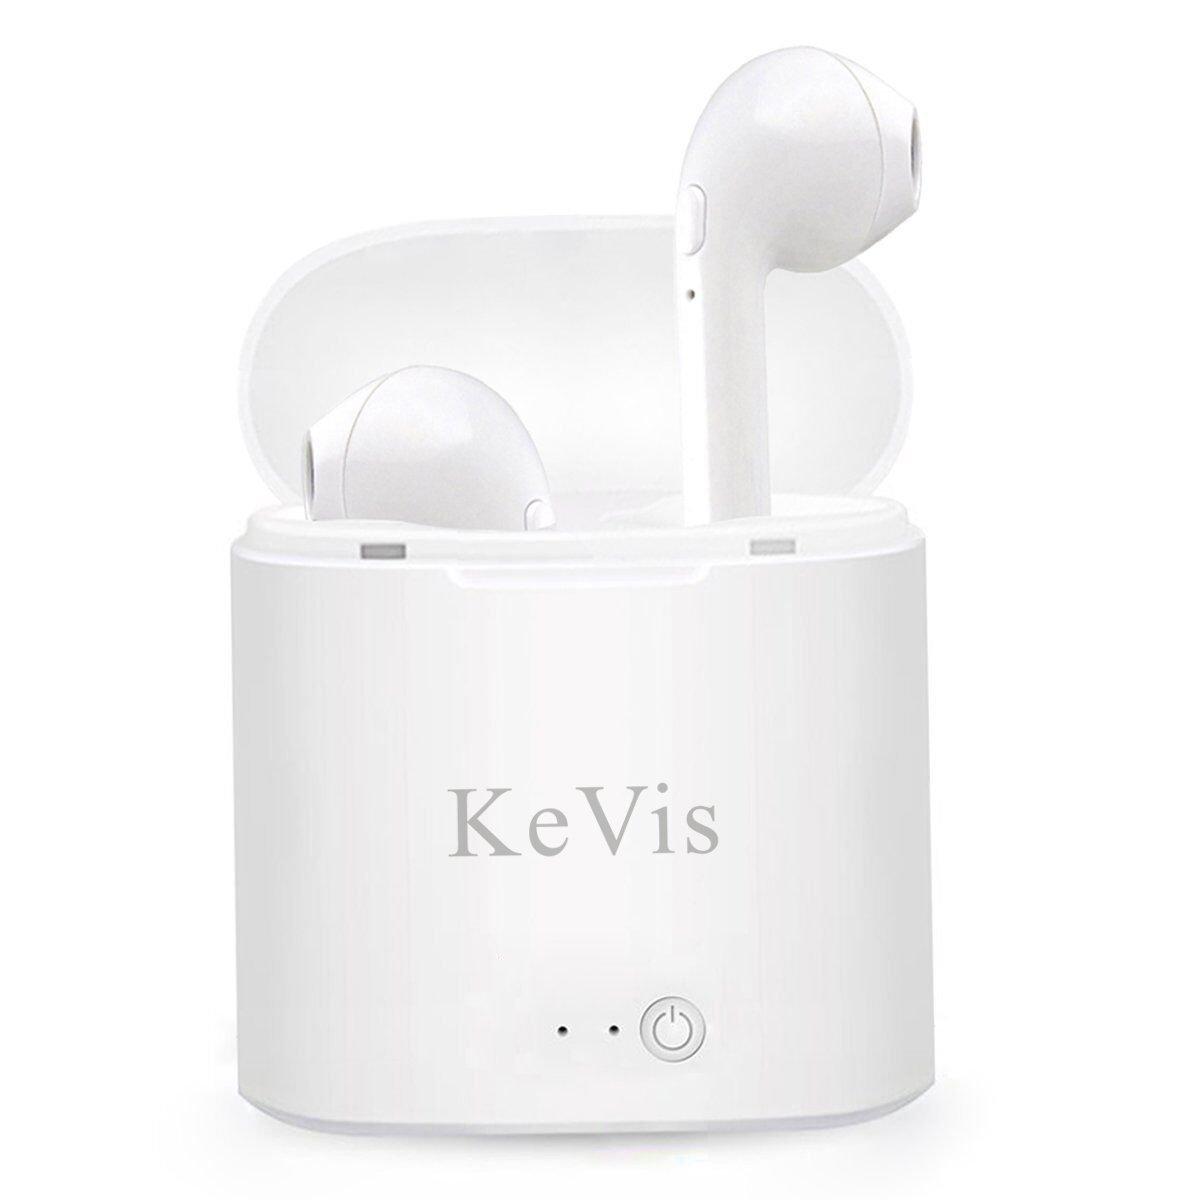 KeVis Auriculares Bluetooth inalámbricos con Bluetooth para Android e iOS: Amazon.es: Electrónica